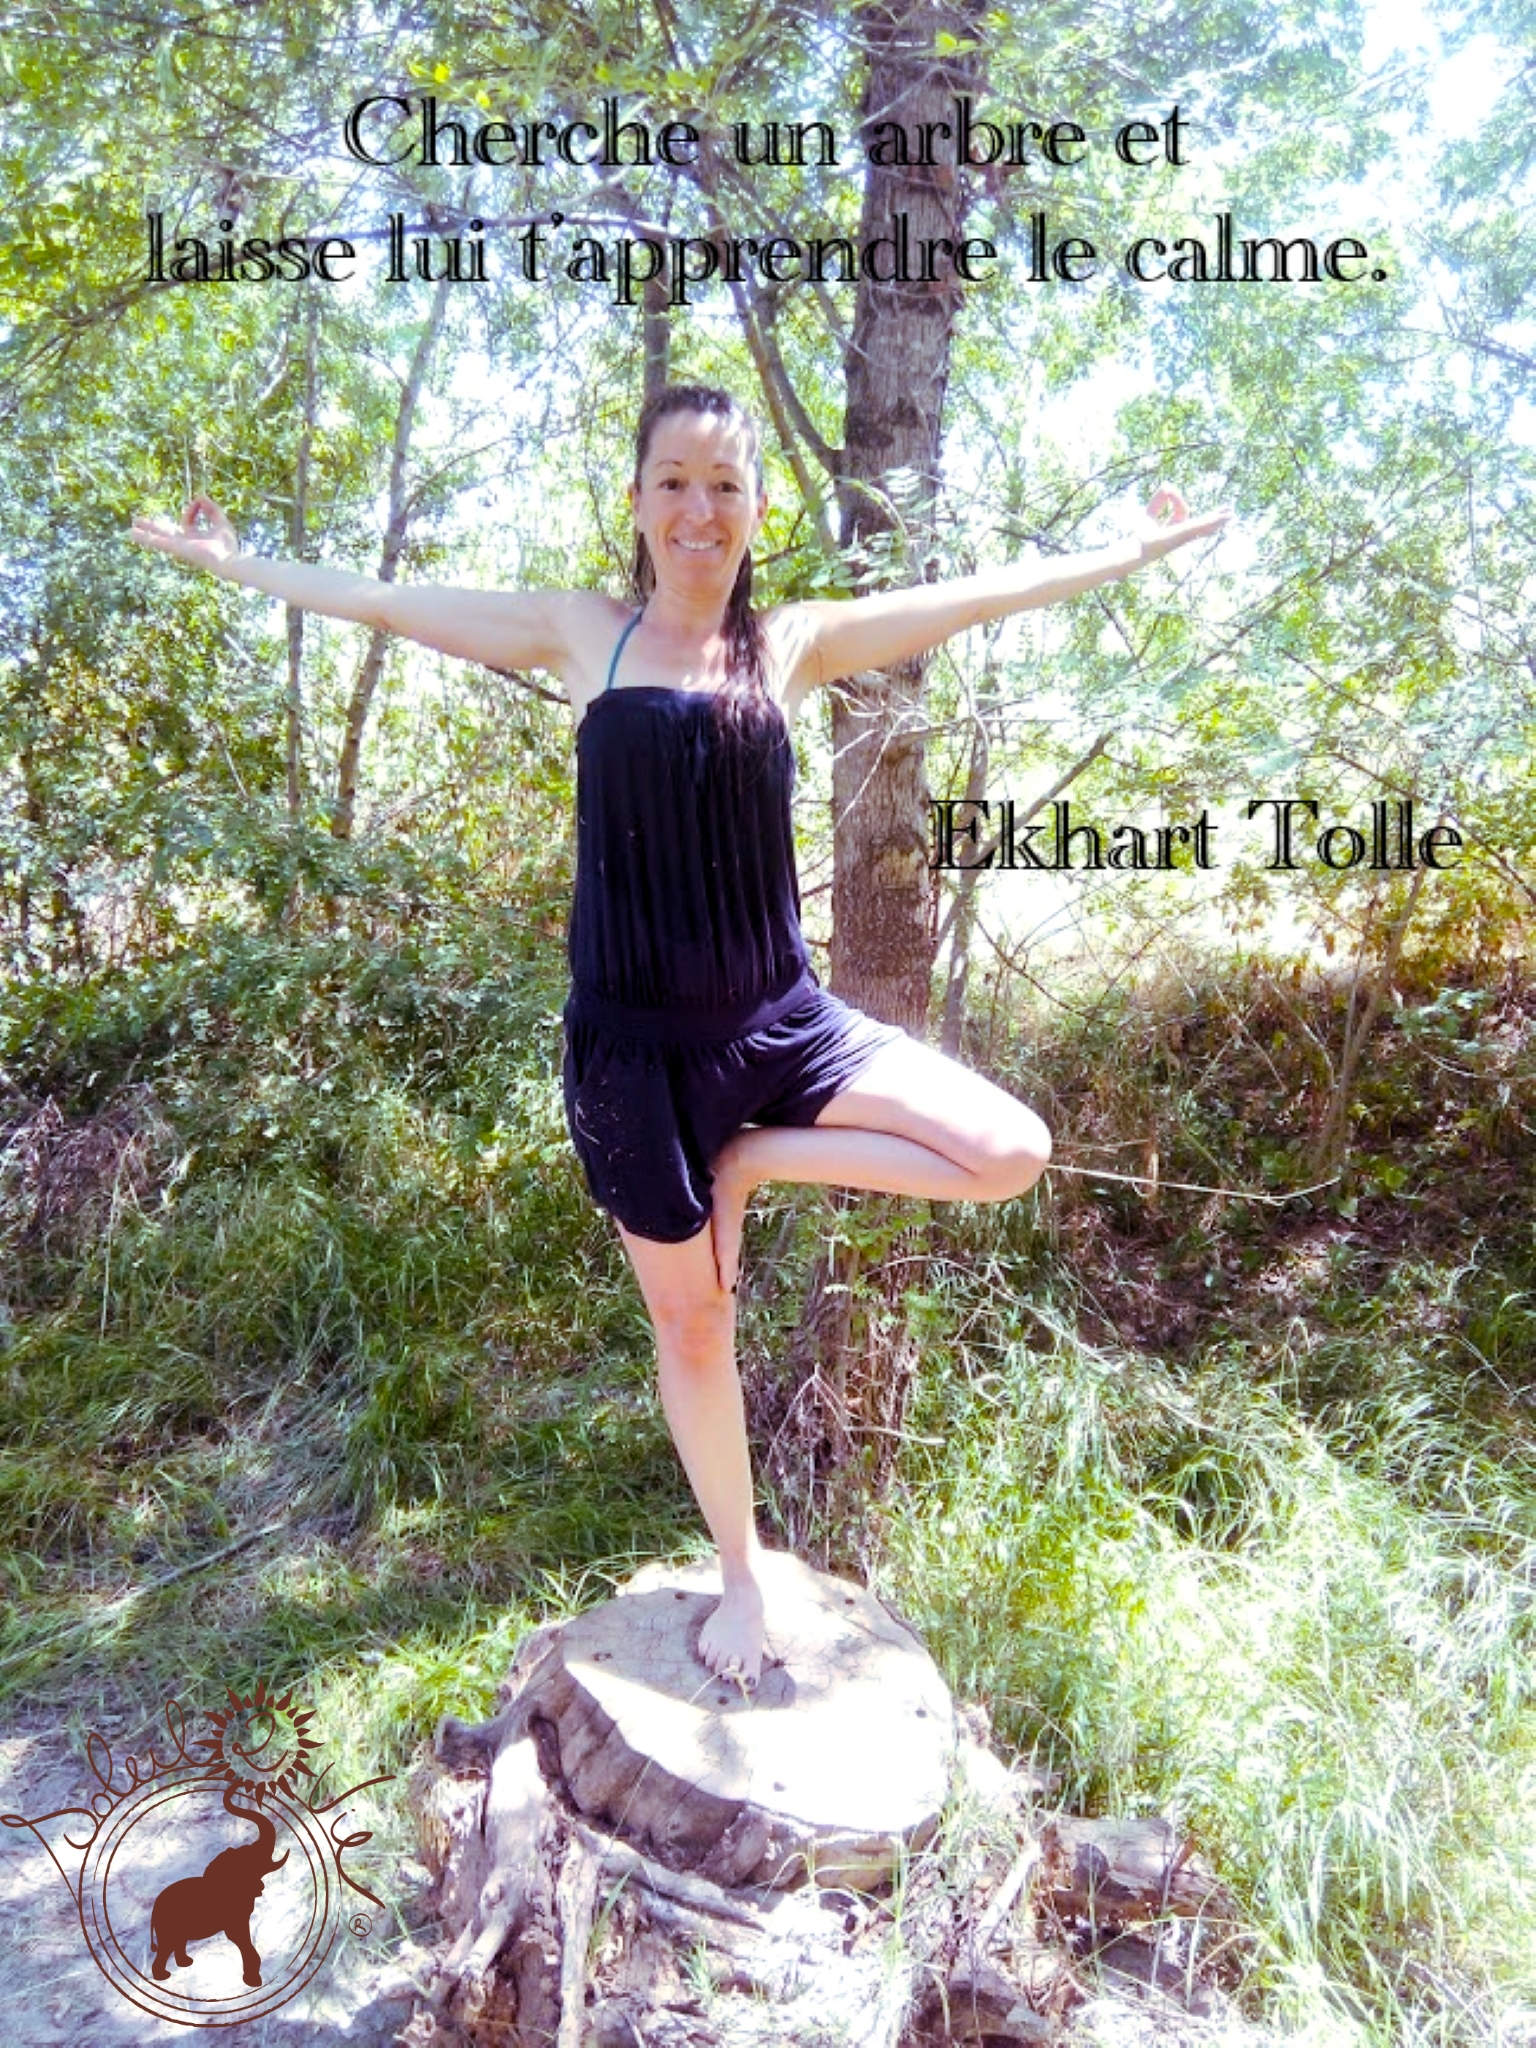 Cherche un arbre - Ekhart Tolle - soleil2vie